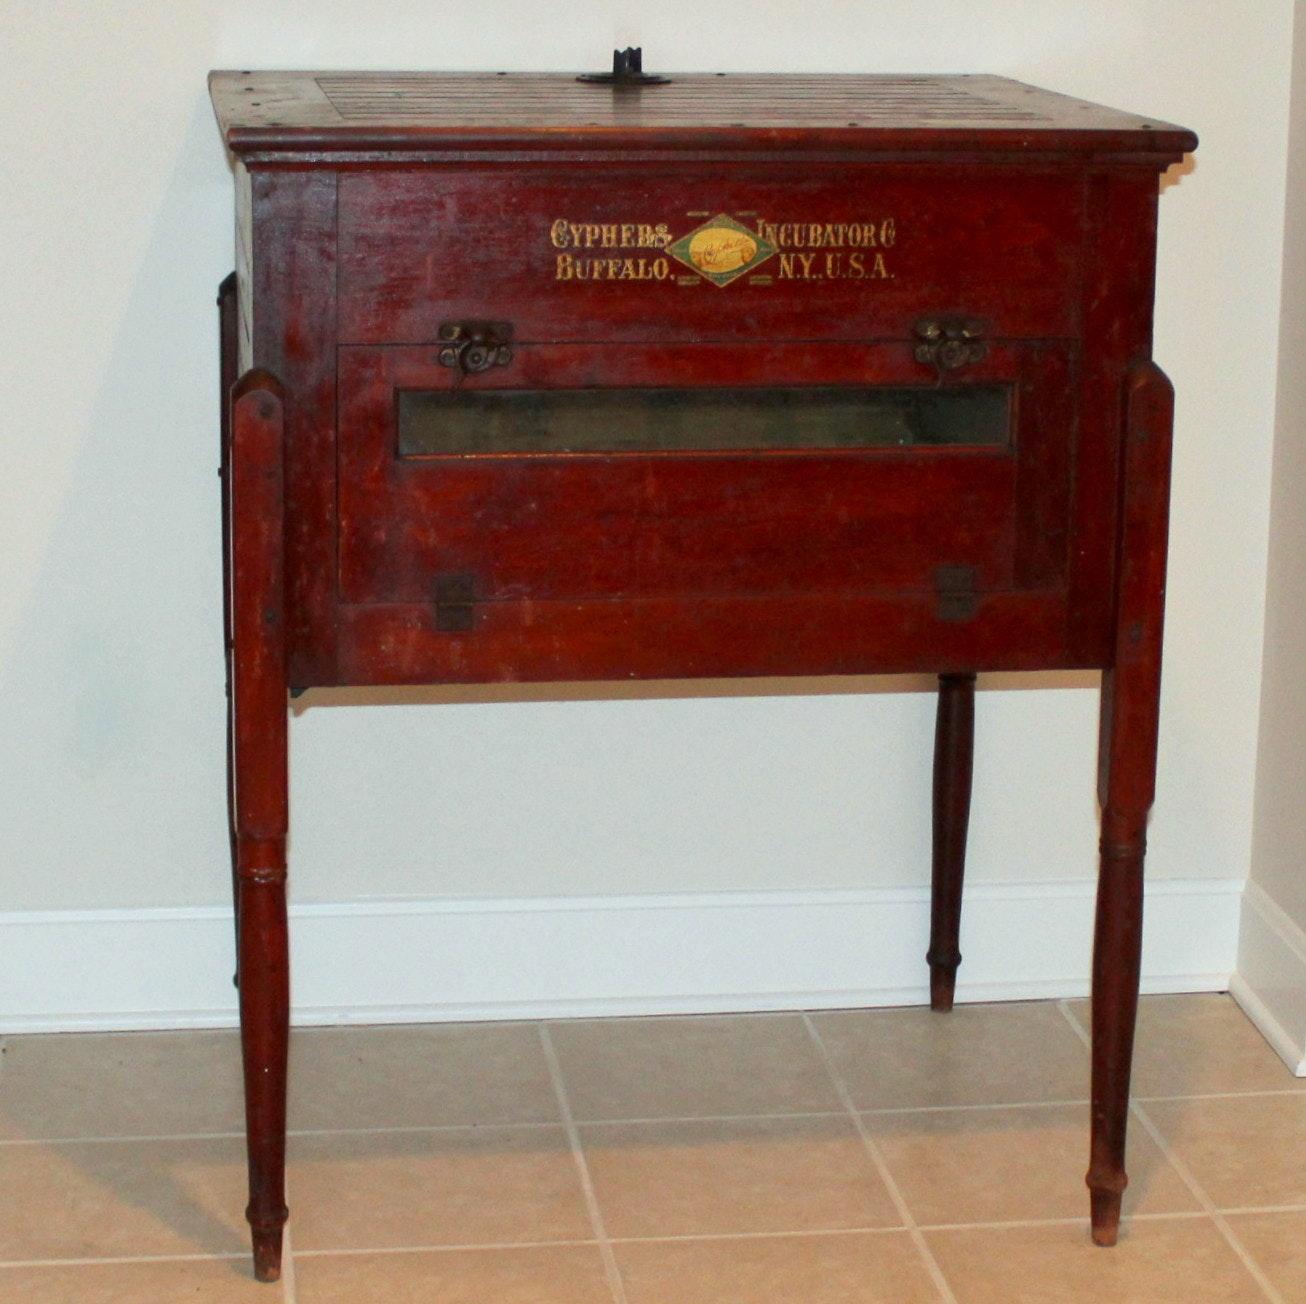 Antique Table from Repurposed Incubator